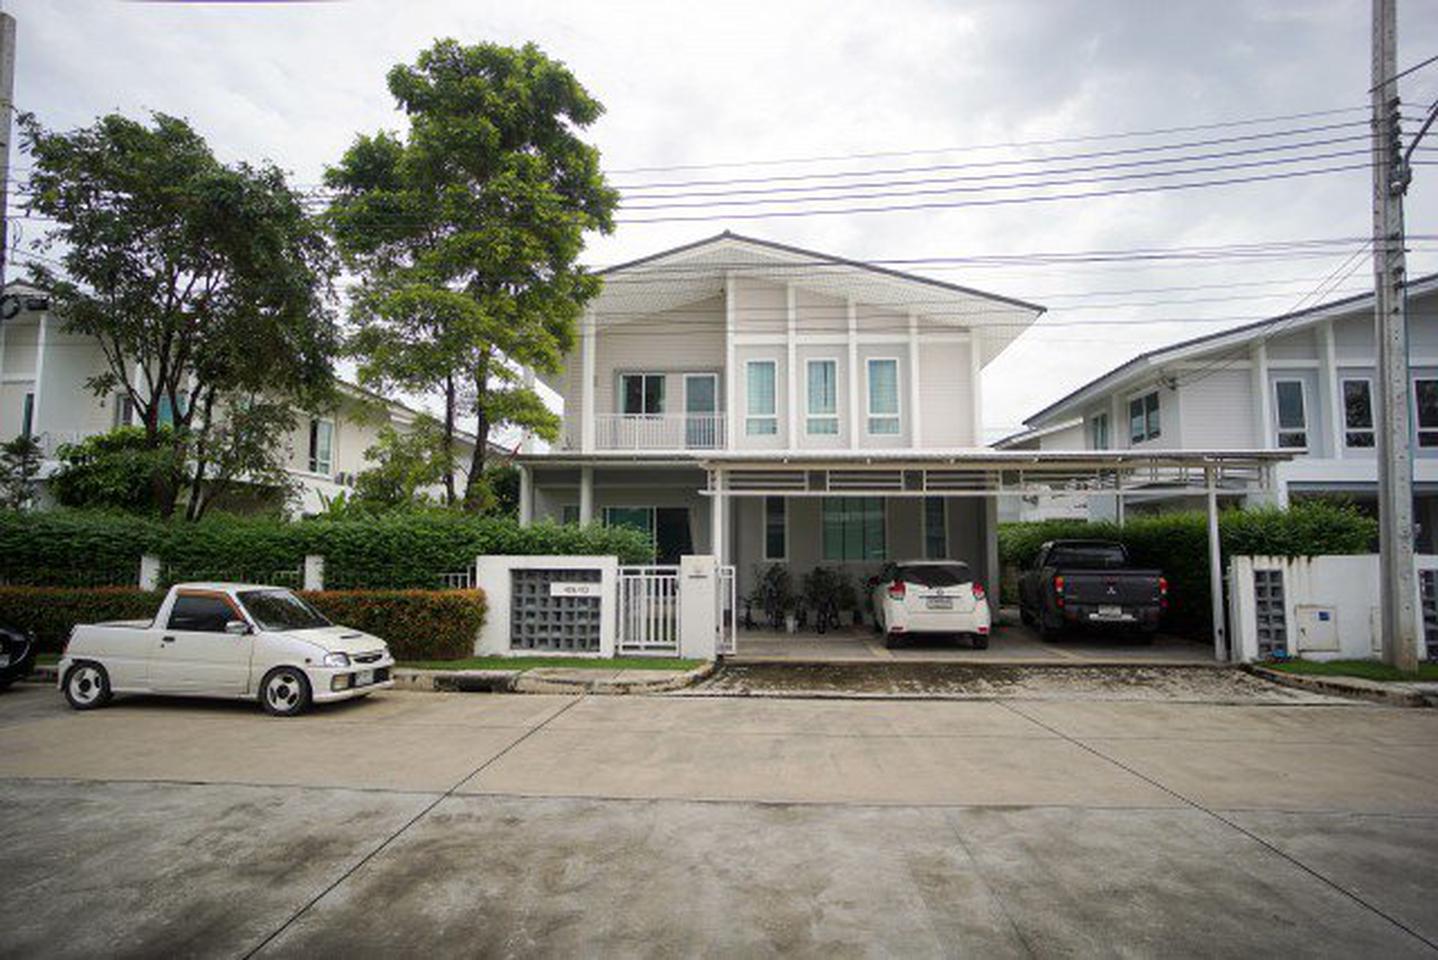 บ้านเดี่ยว 2ชั้น ฮาบิเทีย โมทีฟ ปัญญาอินทรา  รูปที่ 6